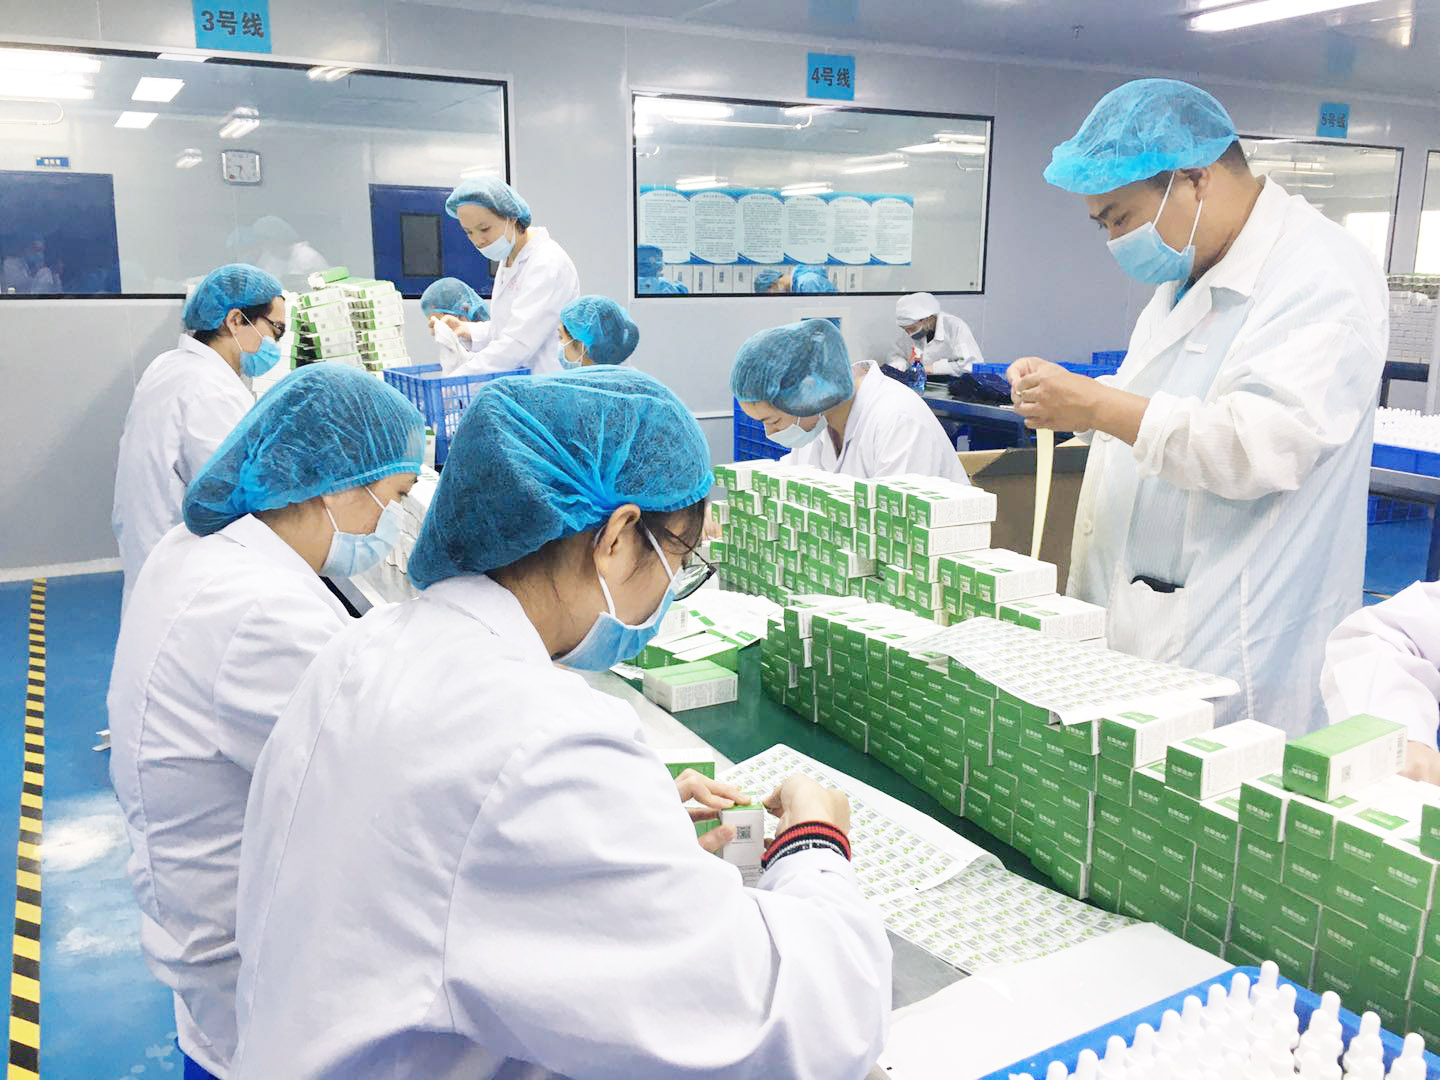 化妆品加工工厂专业oem